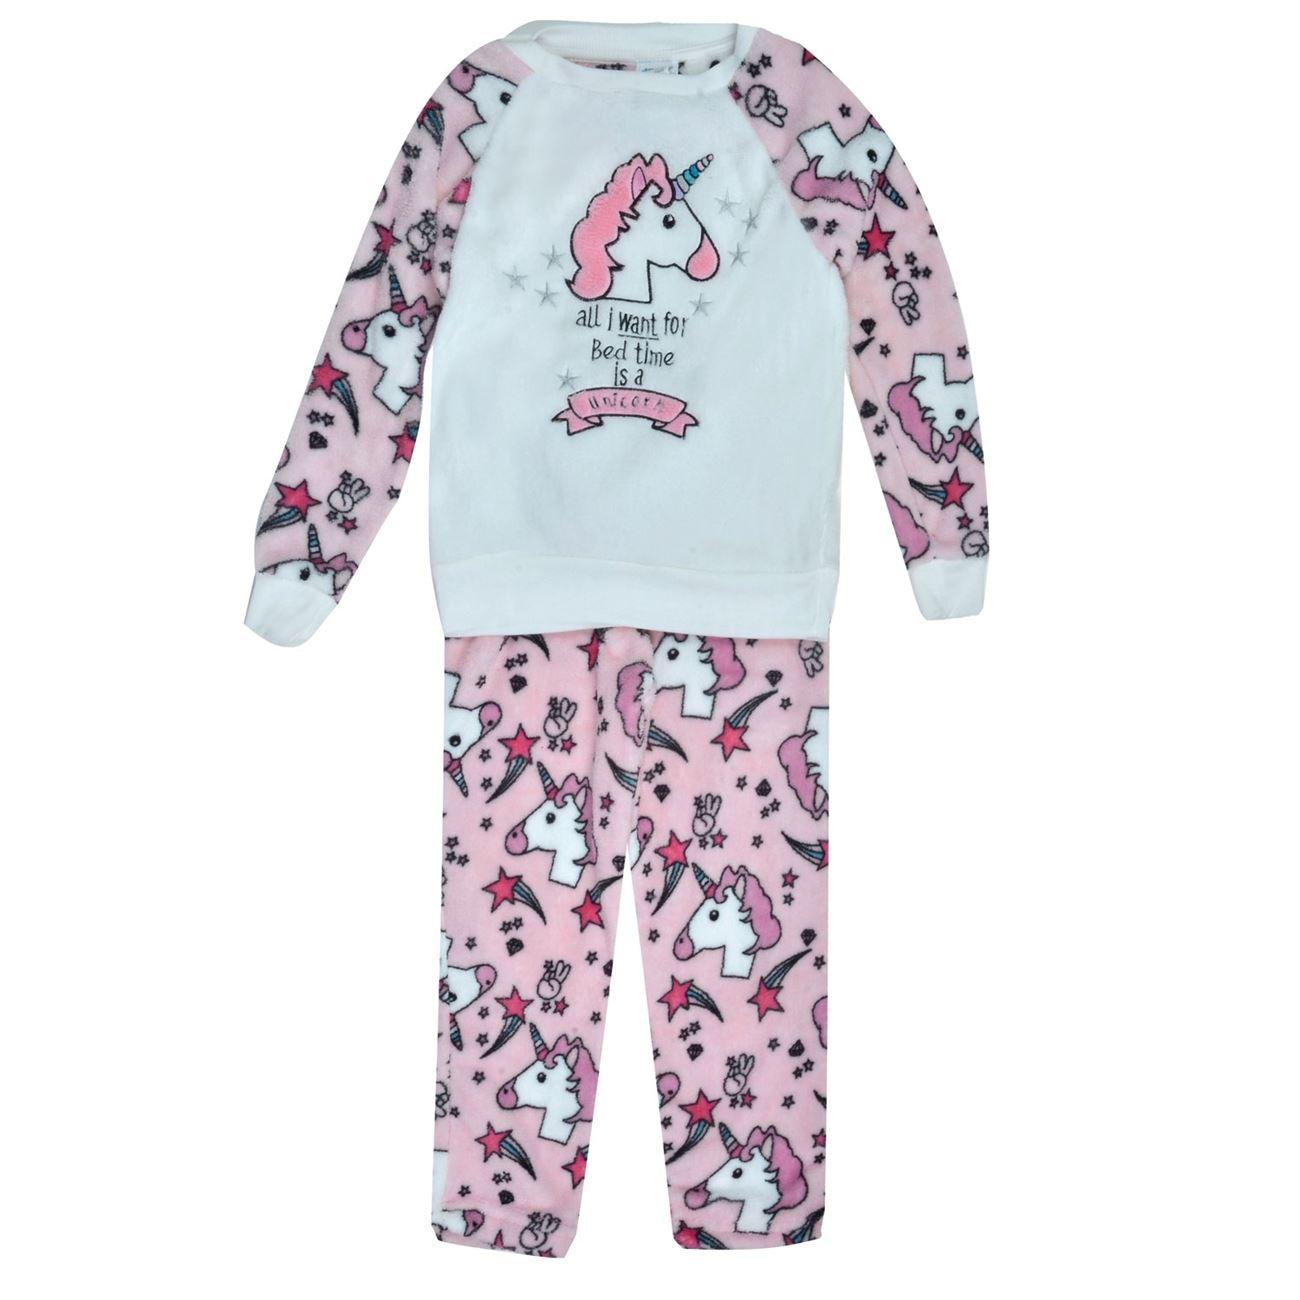 Πυτζάμα Παιδική Λευκή Ροζ Μονόκερος   Πυτζάμες Παιδικές Fleece ... 25526dceb9b